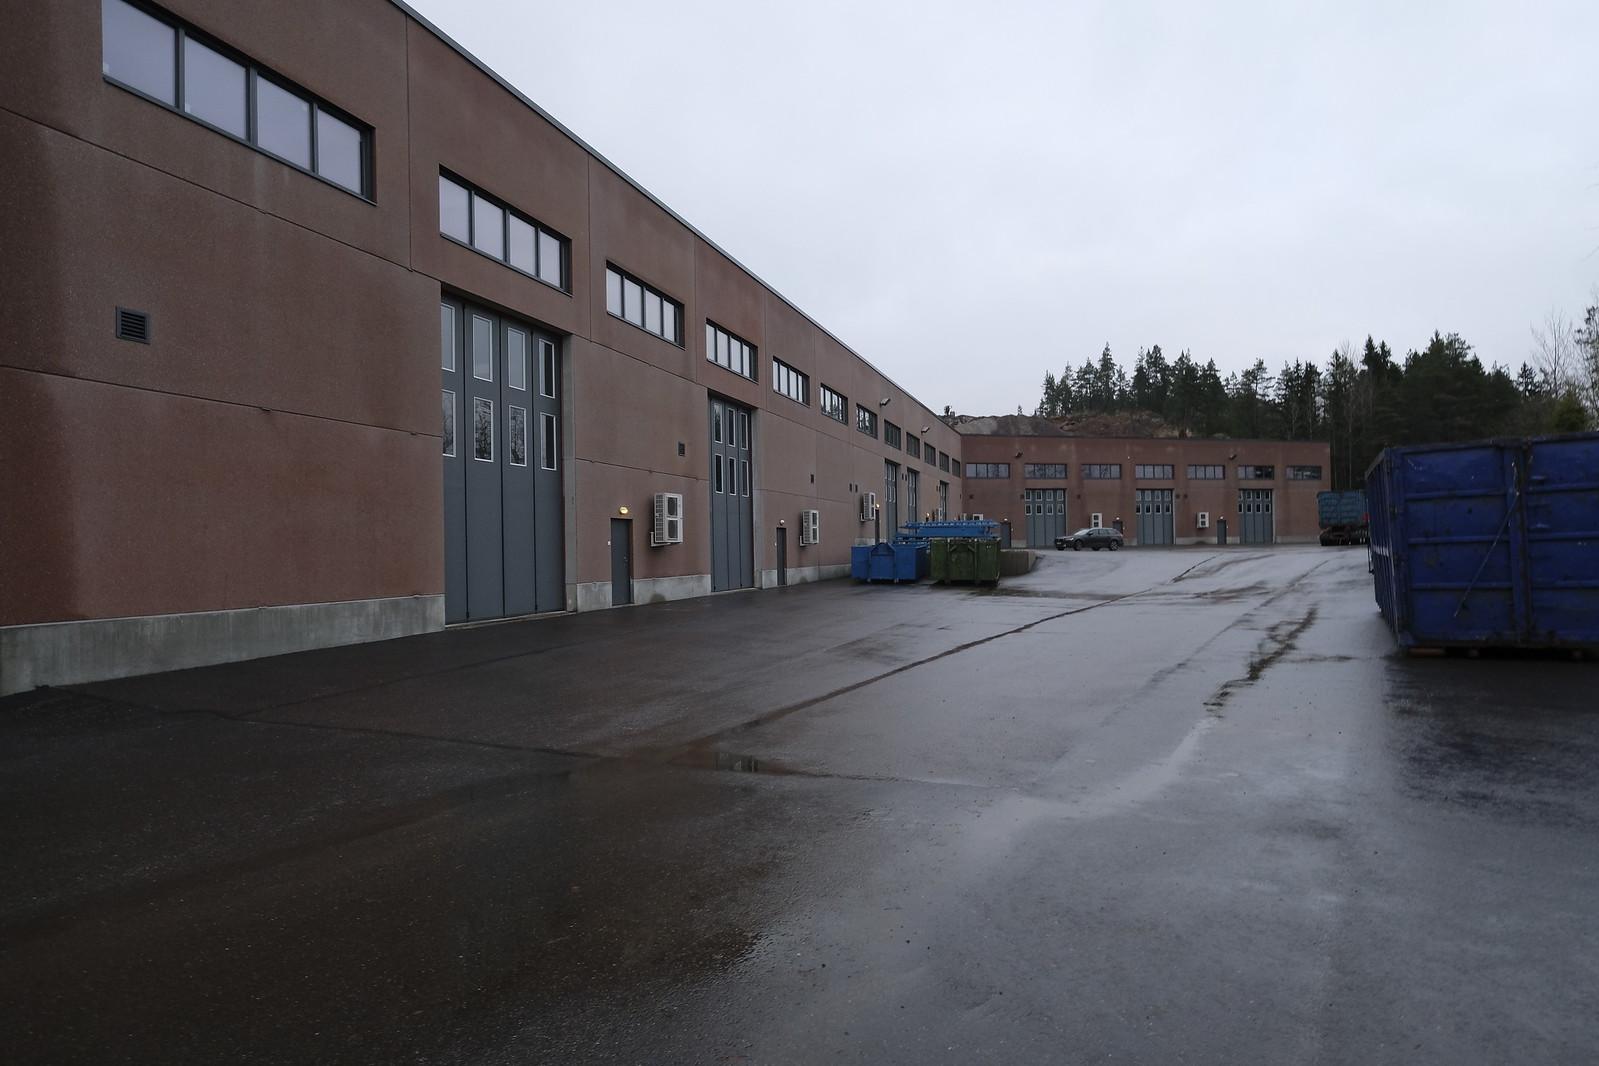 Toimitila, Vanha Turuntie 869, Nummenkylä, Lohja